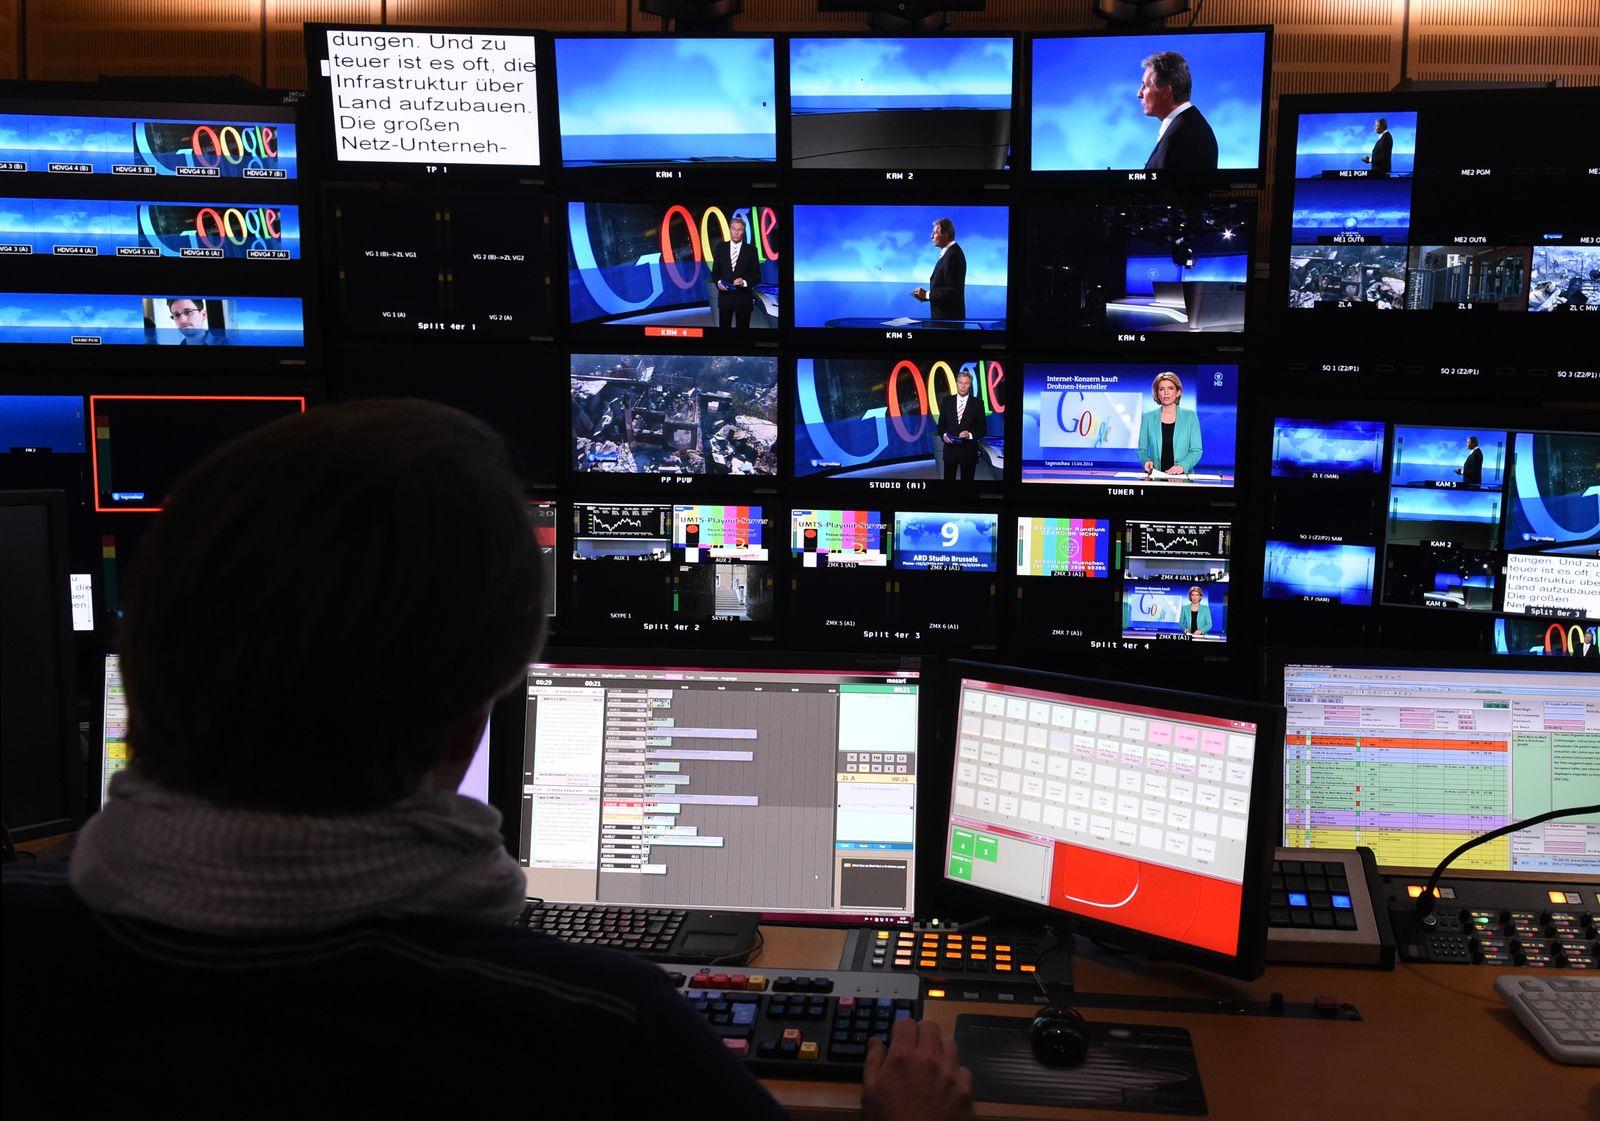 SYMBOLBILD Öffentlich rechtliches Fernsehen/ Tagesschau-Studio